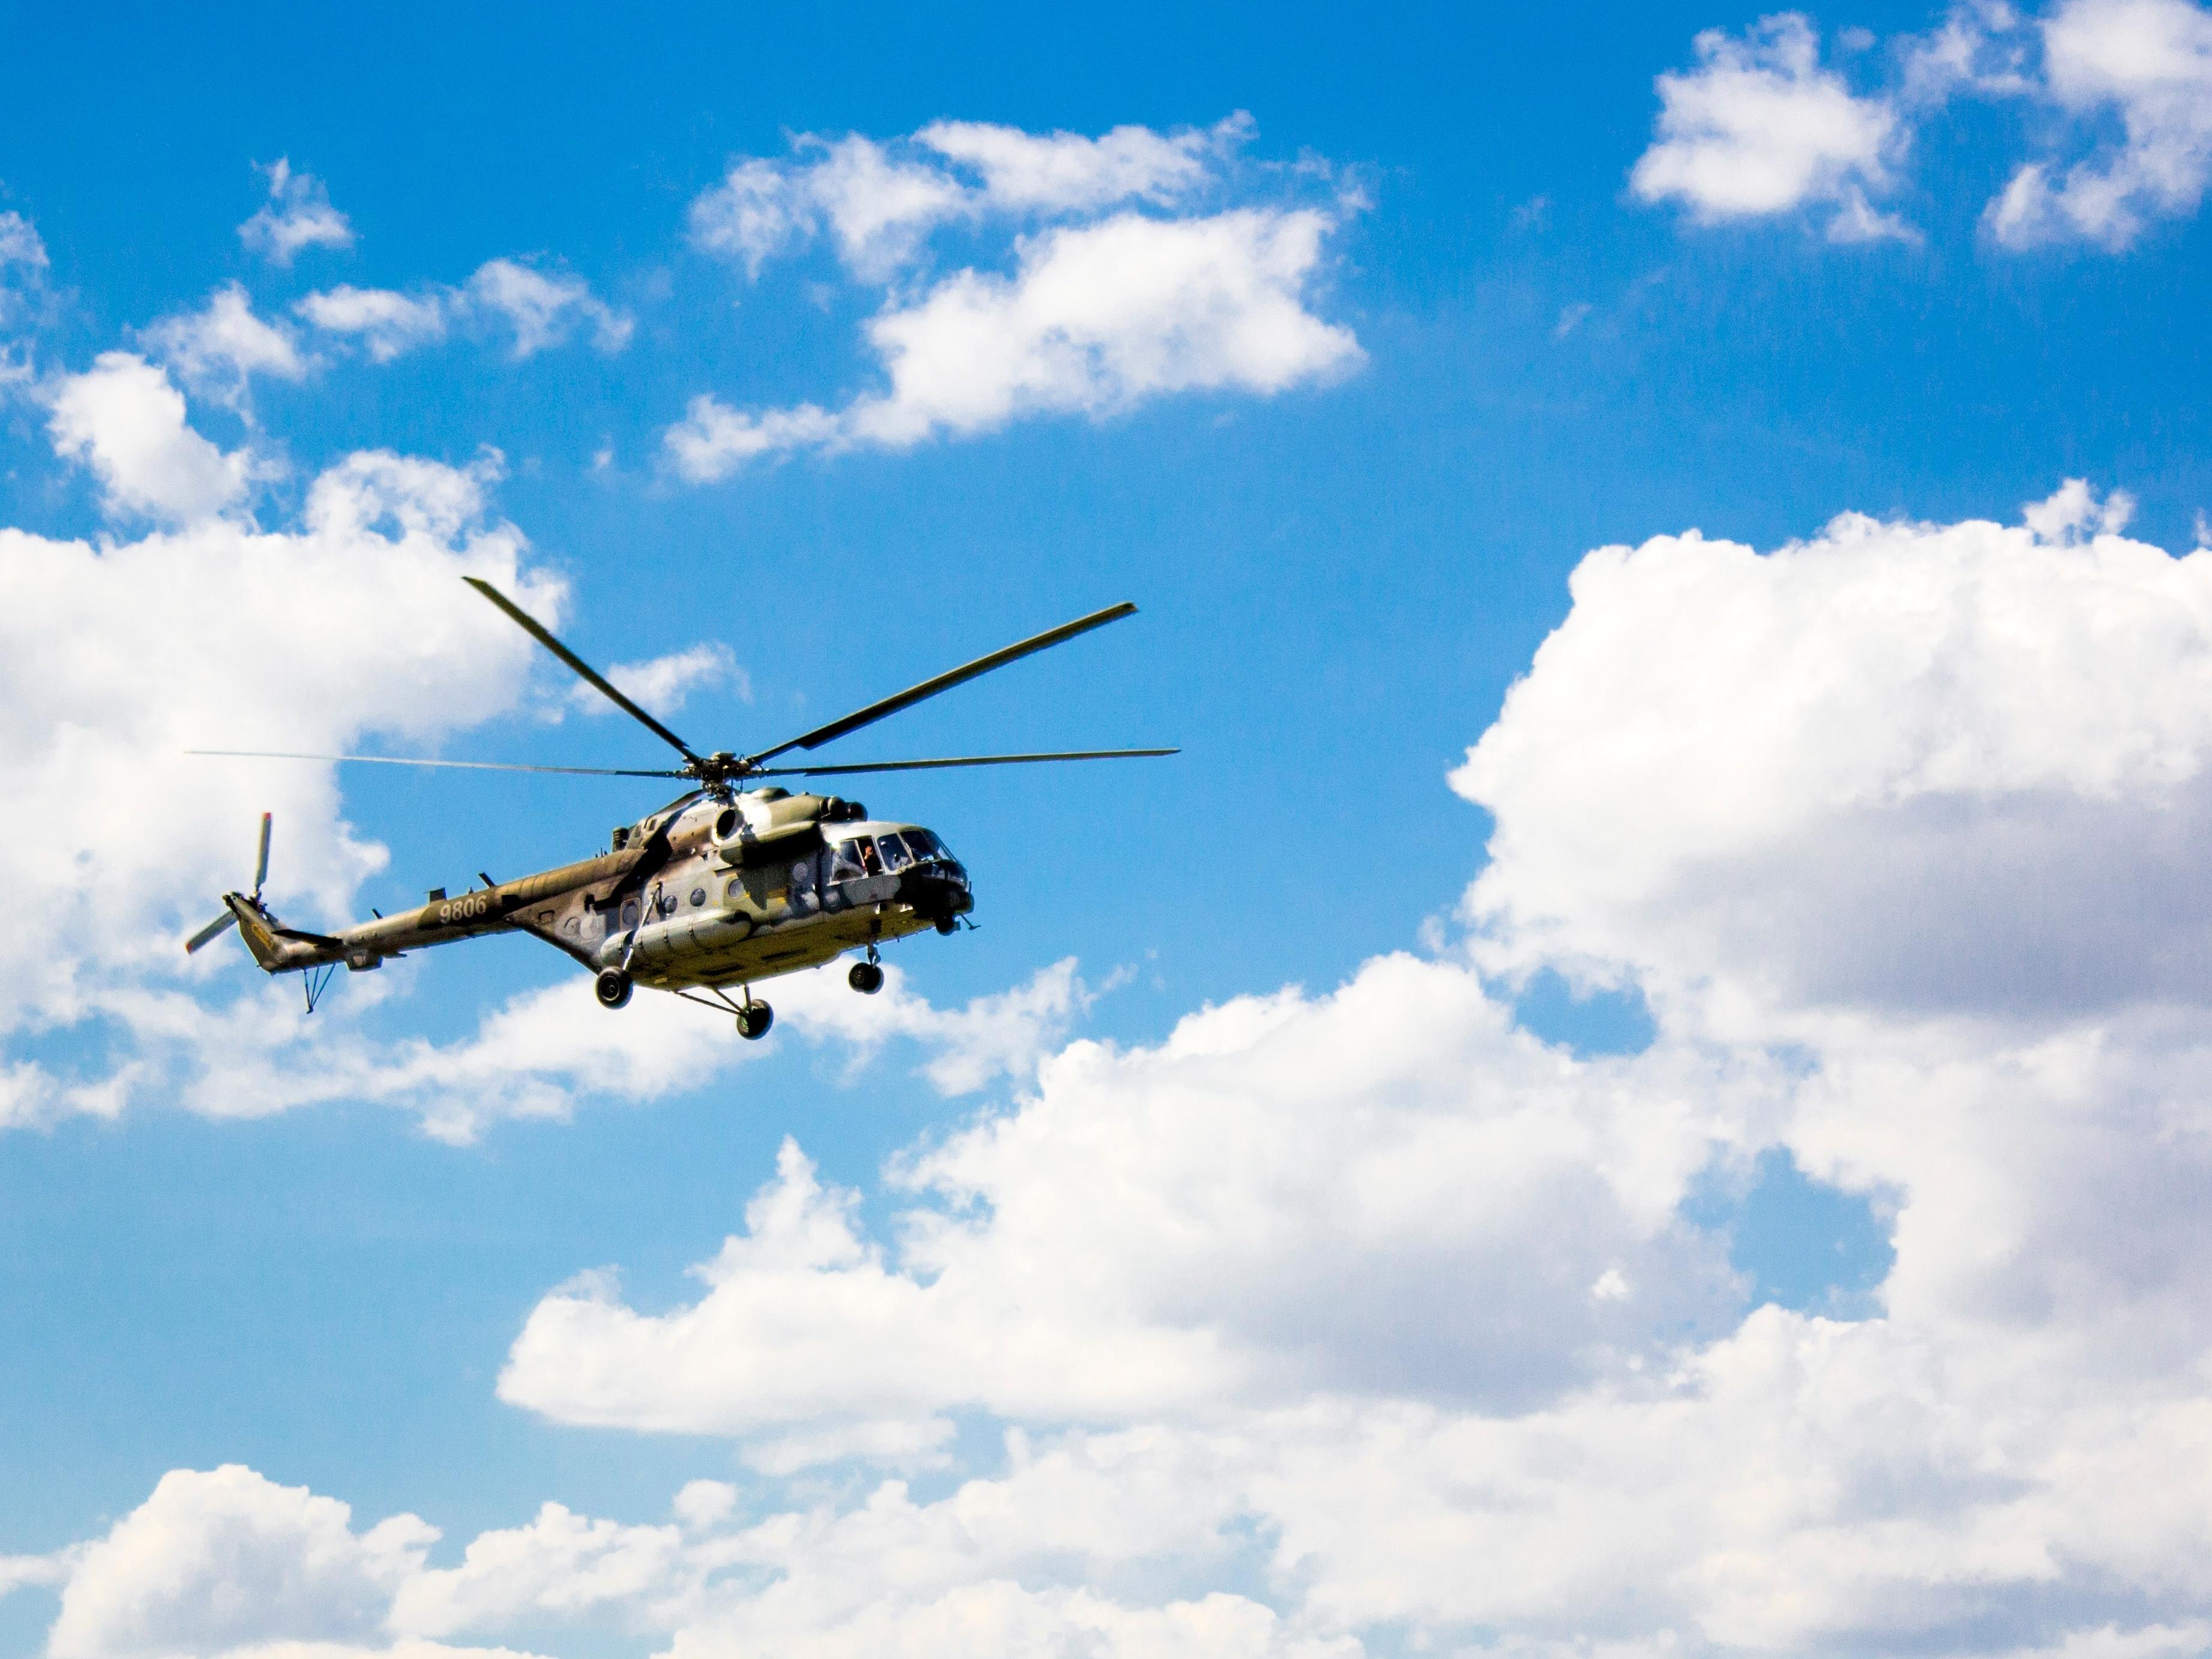 A helicopter. Image Credit:  Antonín Daněk / Unsplash